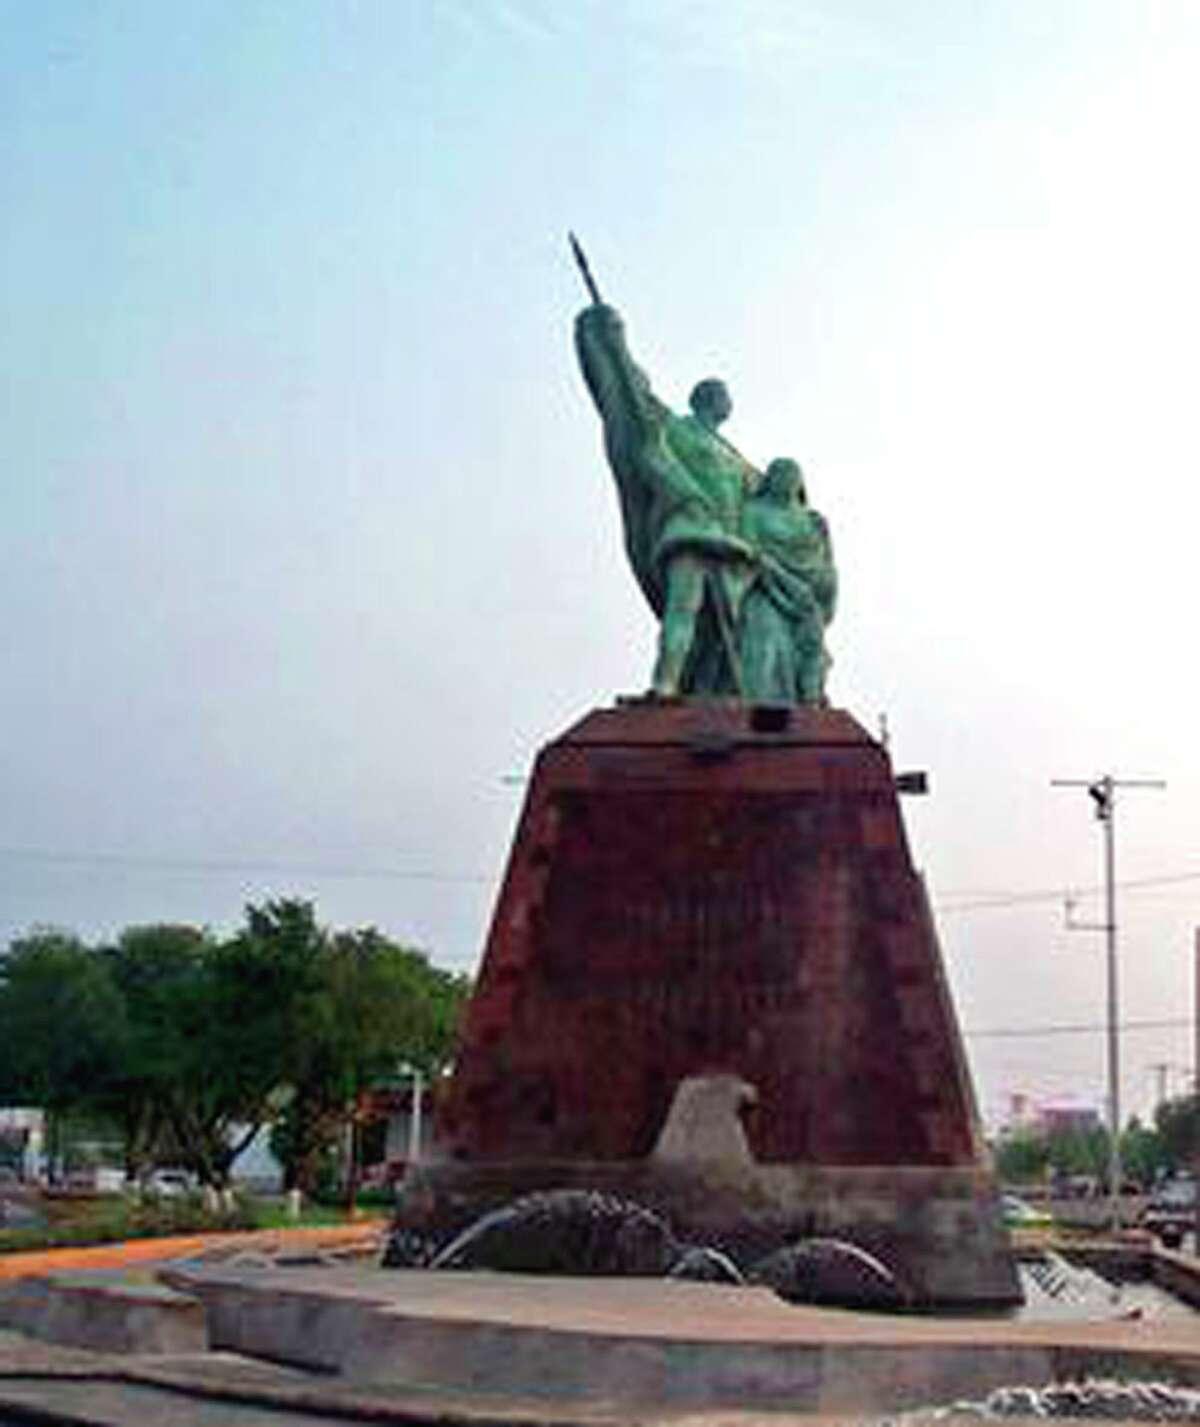 Imagen del Monumento a Los Fundadores en el crucero de avenida Reforma y avenida César López de Lara, al sur de Nuevo Laredo, México, antes de ser trasladada a su ubicación frente al Palacio Municipal sobre la calle Guerrero. Nuevo Laredo celebra hoy su 173 aniversario.